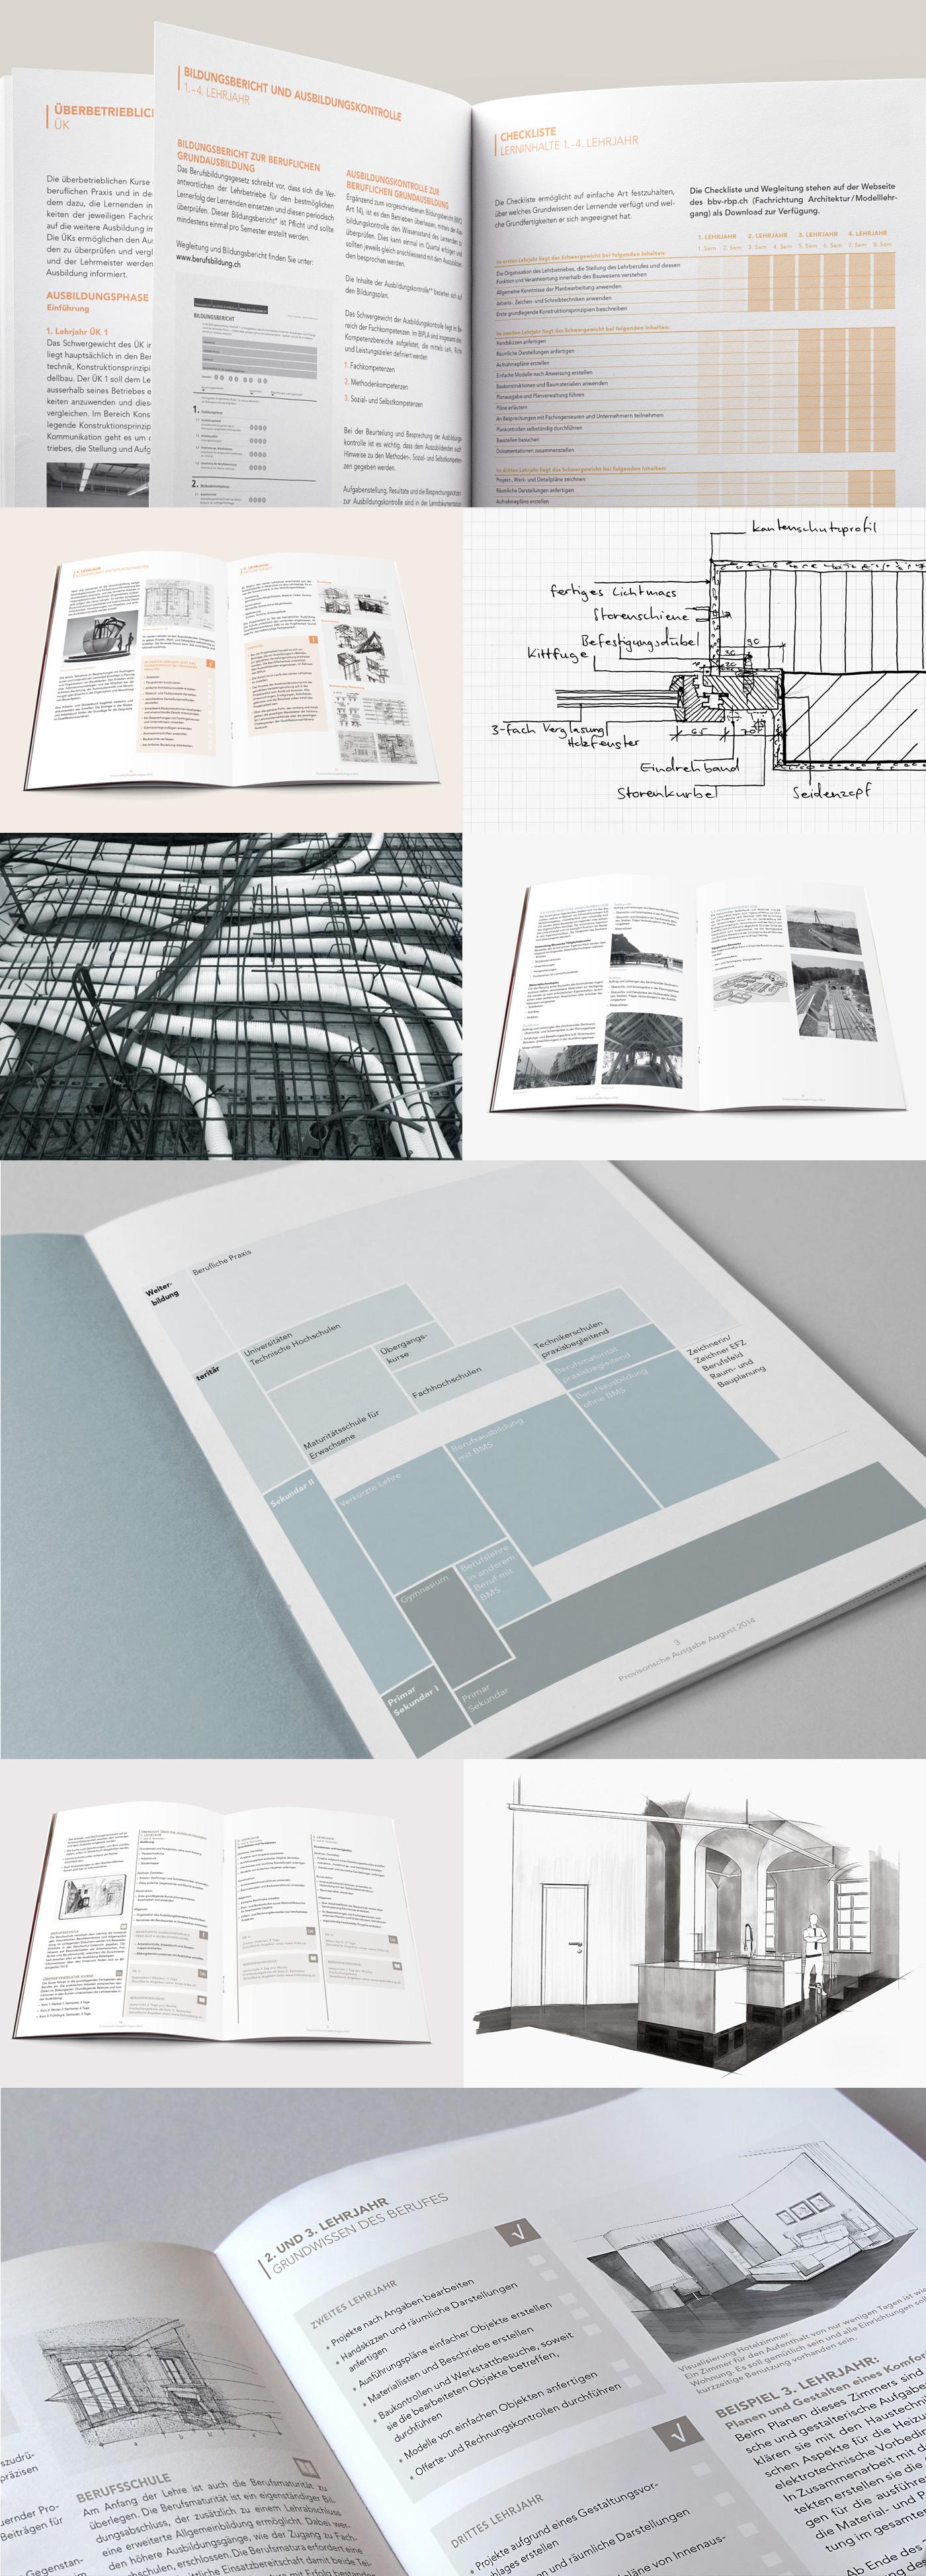 Berufsbildnerverein bau und raumplanung murielblanc for Lehrgang innenarchitektur